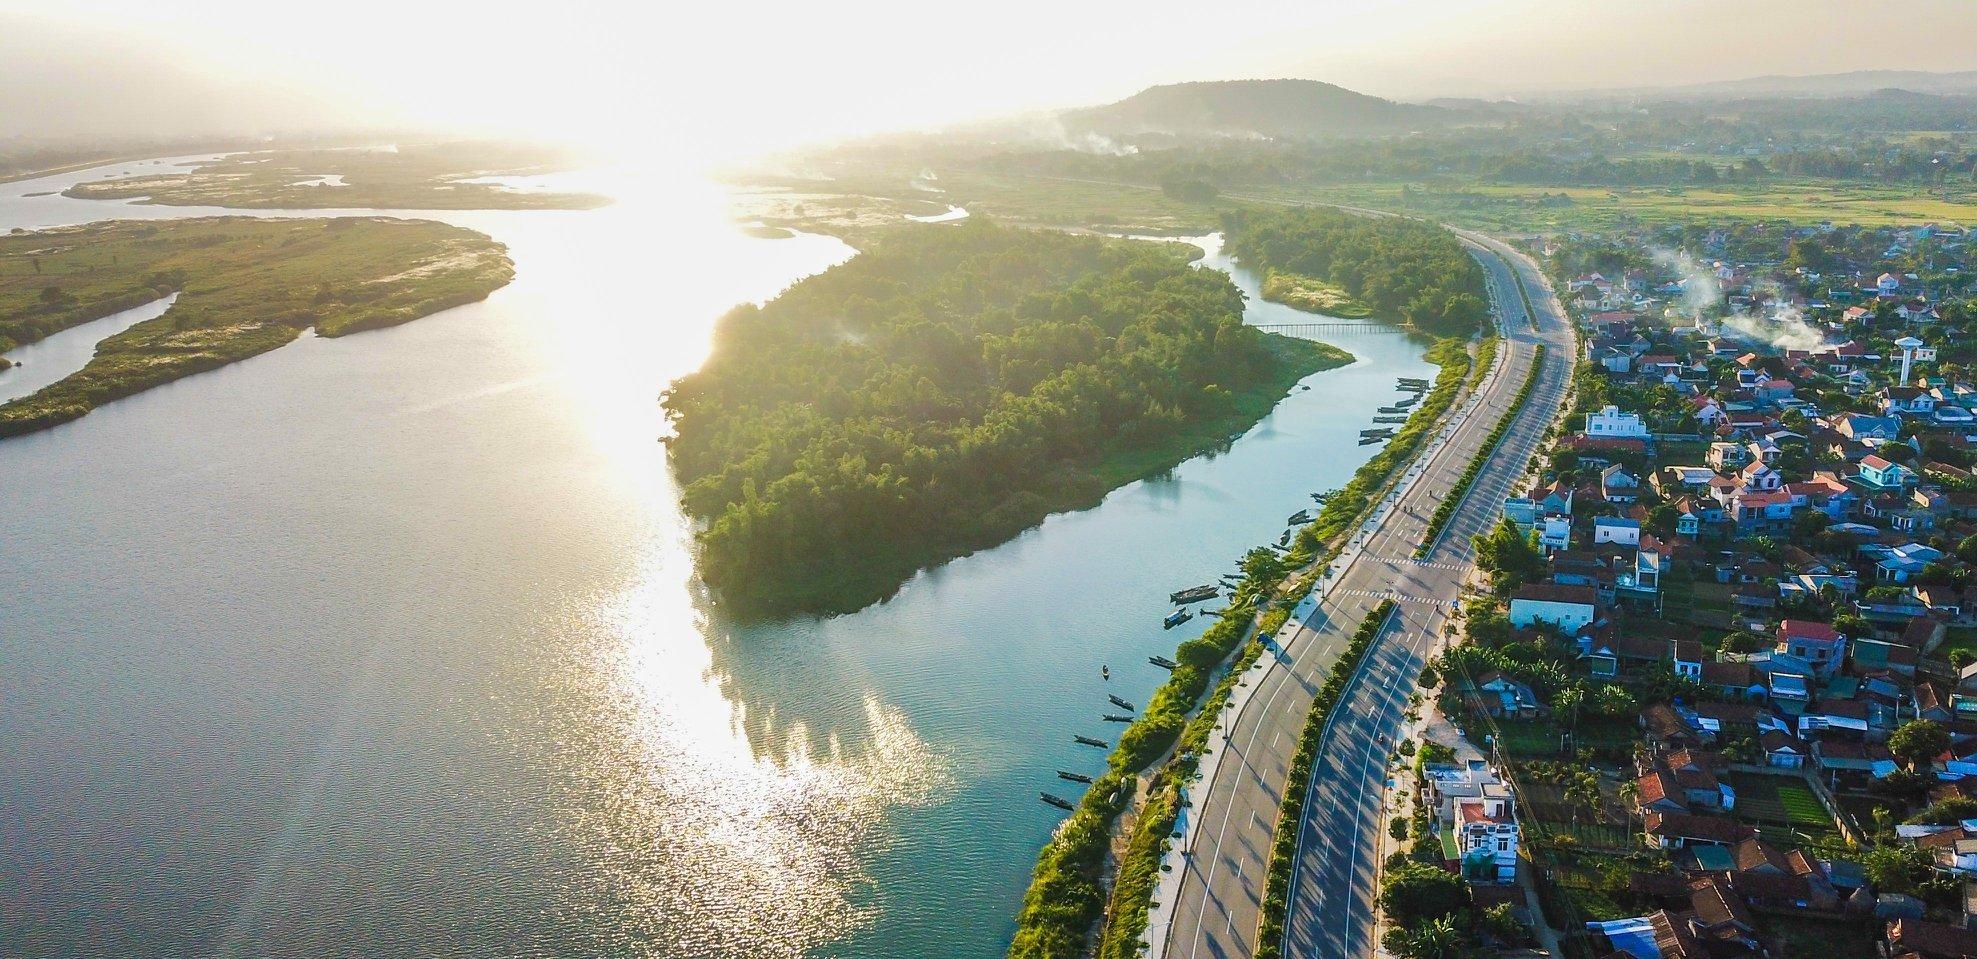 Phê duyệt nhiệm vụ lập Quy hoạch tỉnh Quảng Ngãi tầm nhìn đến năm 2050